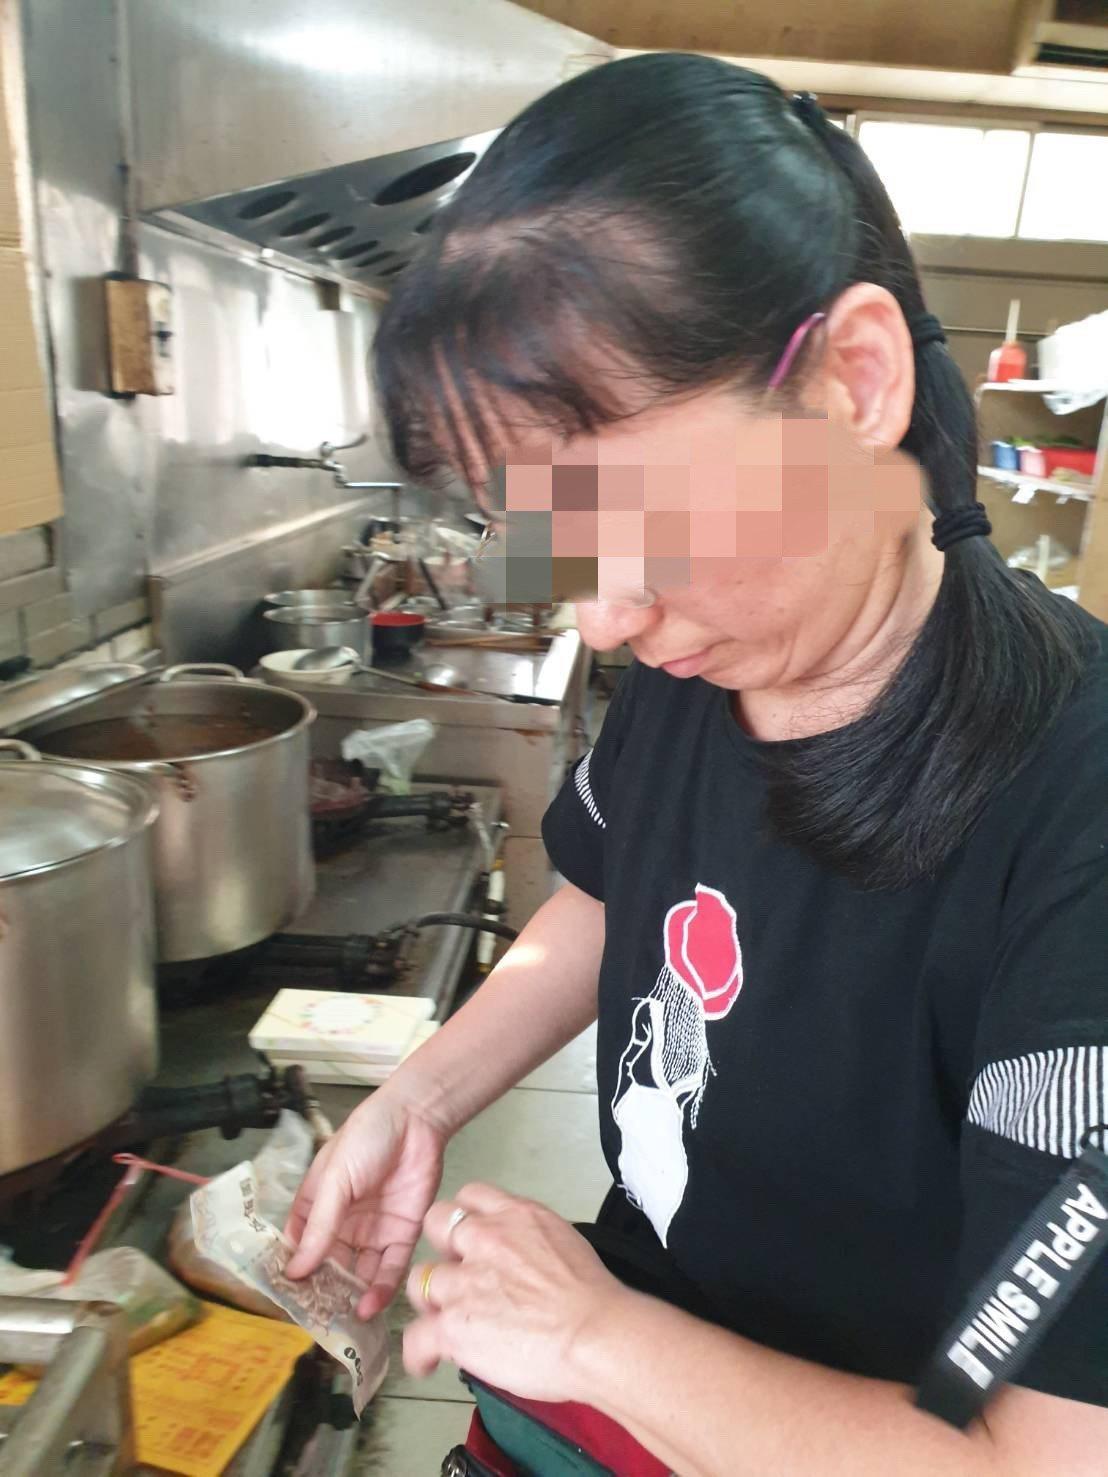 台南新營區太子宮老施牛肉麵老闆娘喊冤說,陳小姐是在非用餐時間,已事先告知顧客對方...